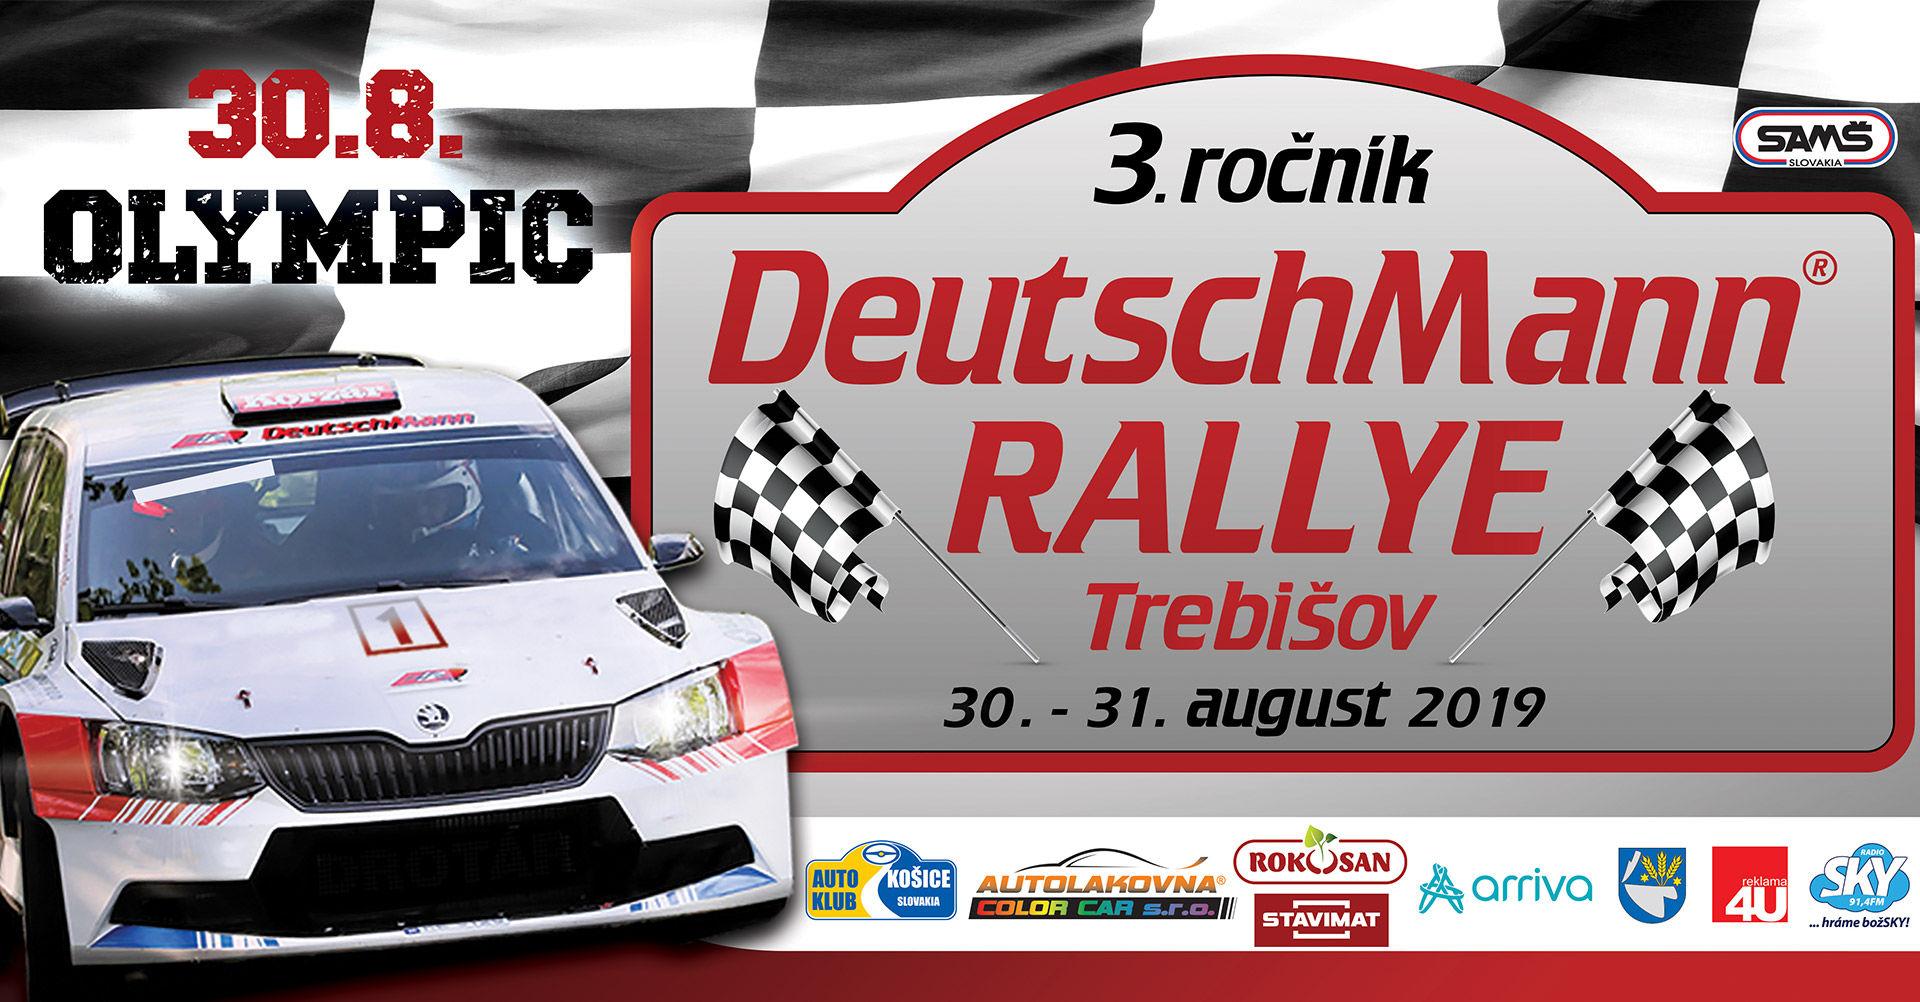 3. ročník Deutschmann rallye